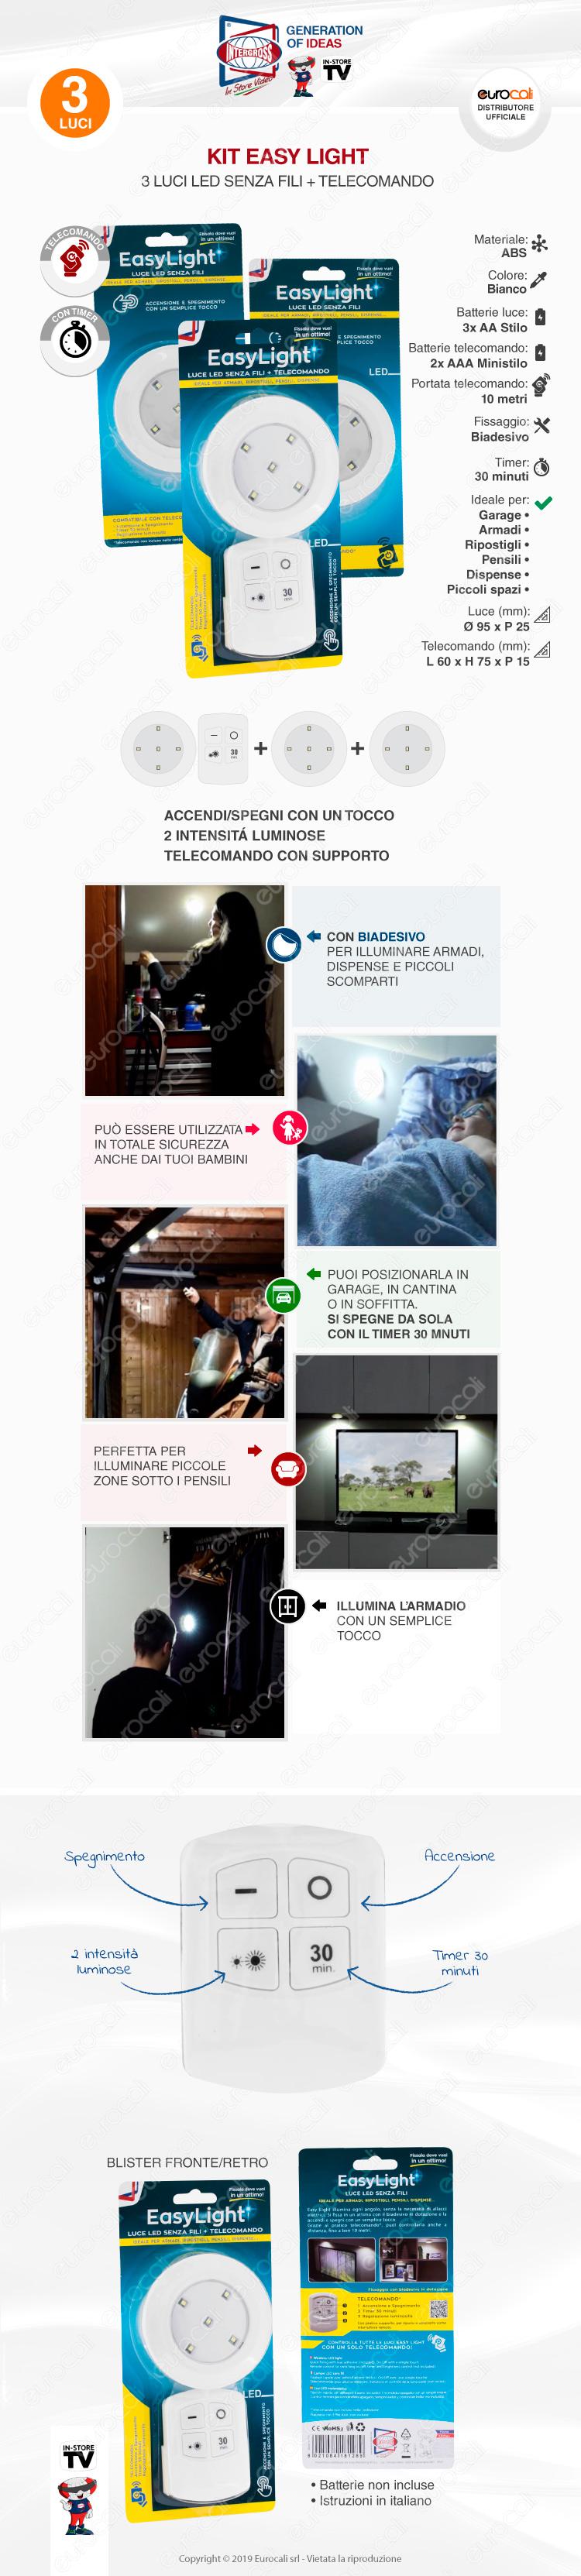 Accensione Lampadario Con Telecomando acquista kit 3 intergross easy light luce led senza fili